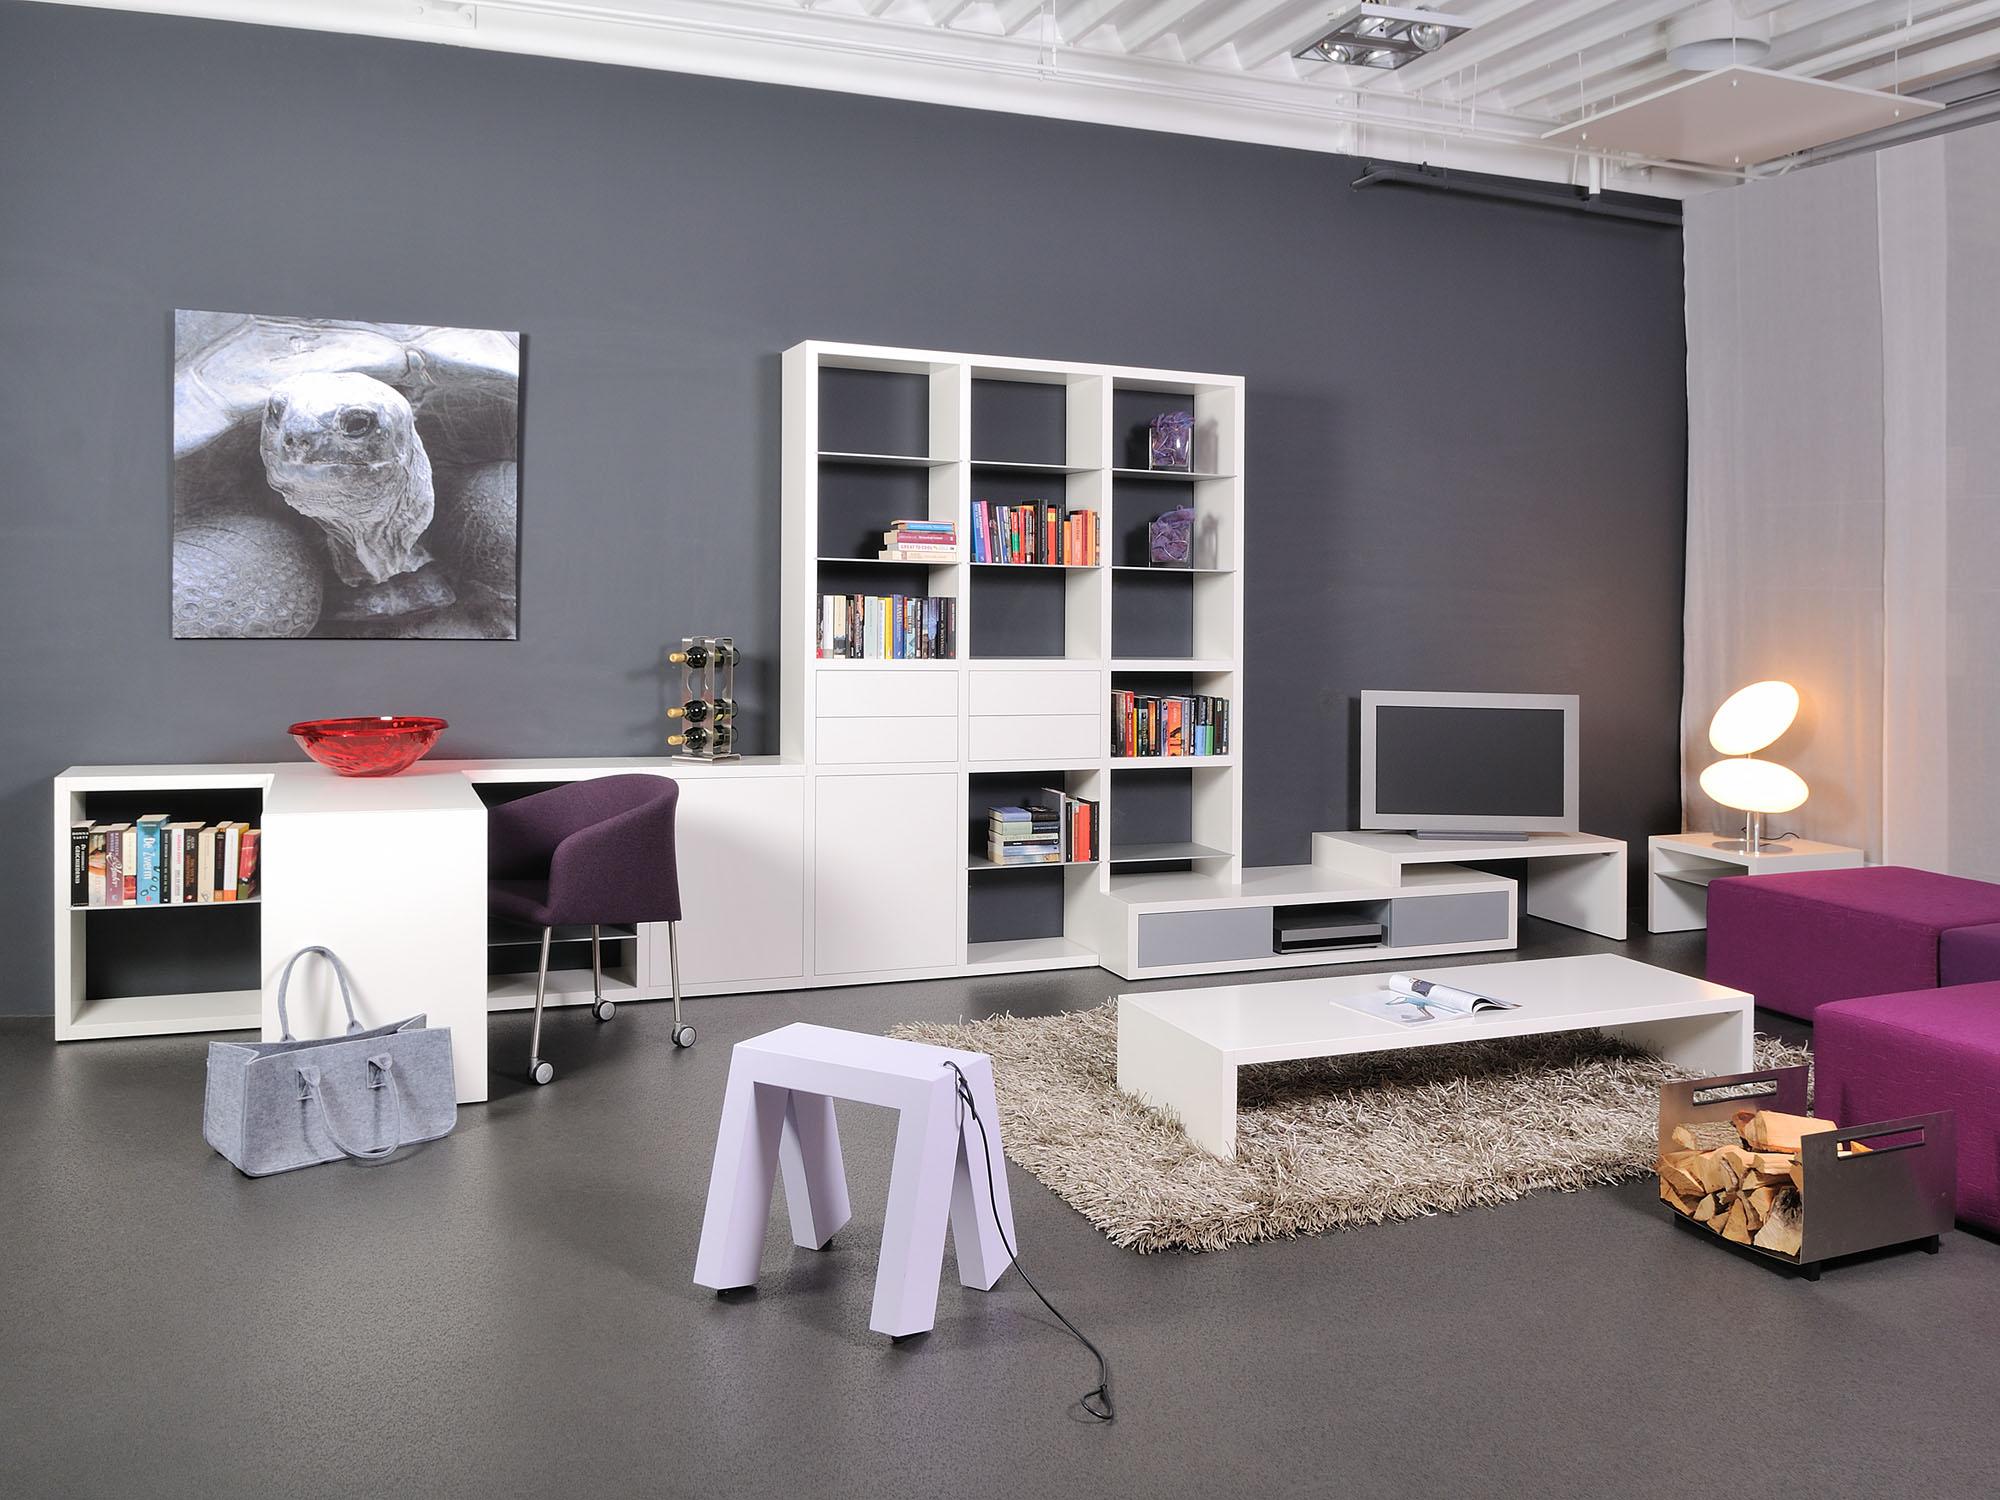 GROOVE-combinatie en LV-salontafel, ontwerp door Coen Castelijn en Marieke Castelijn